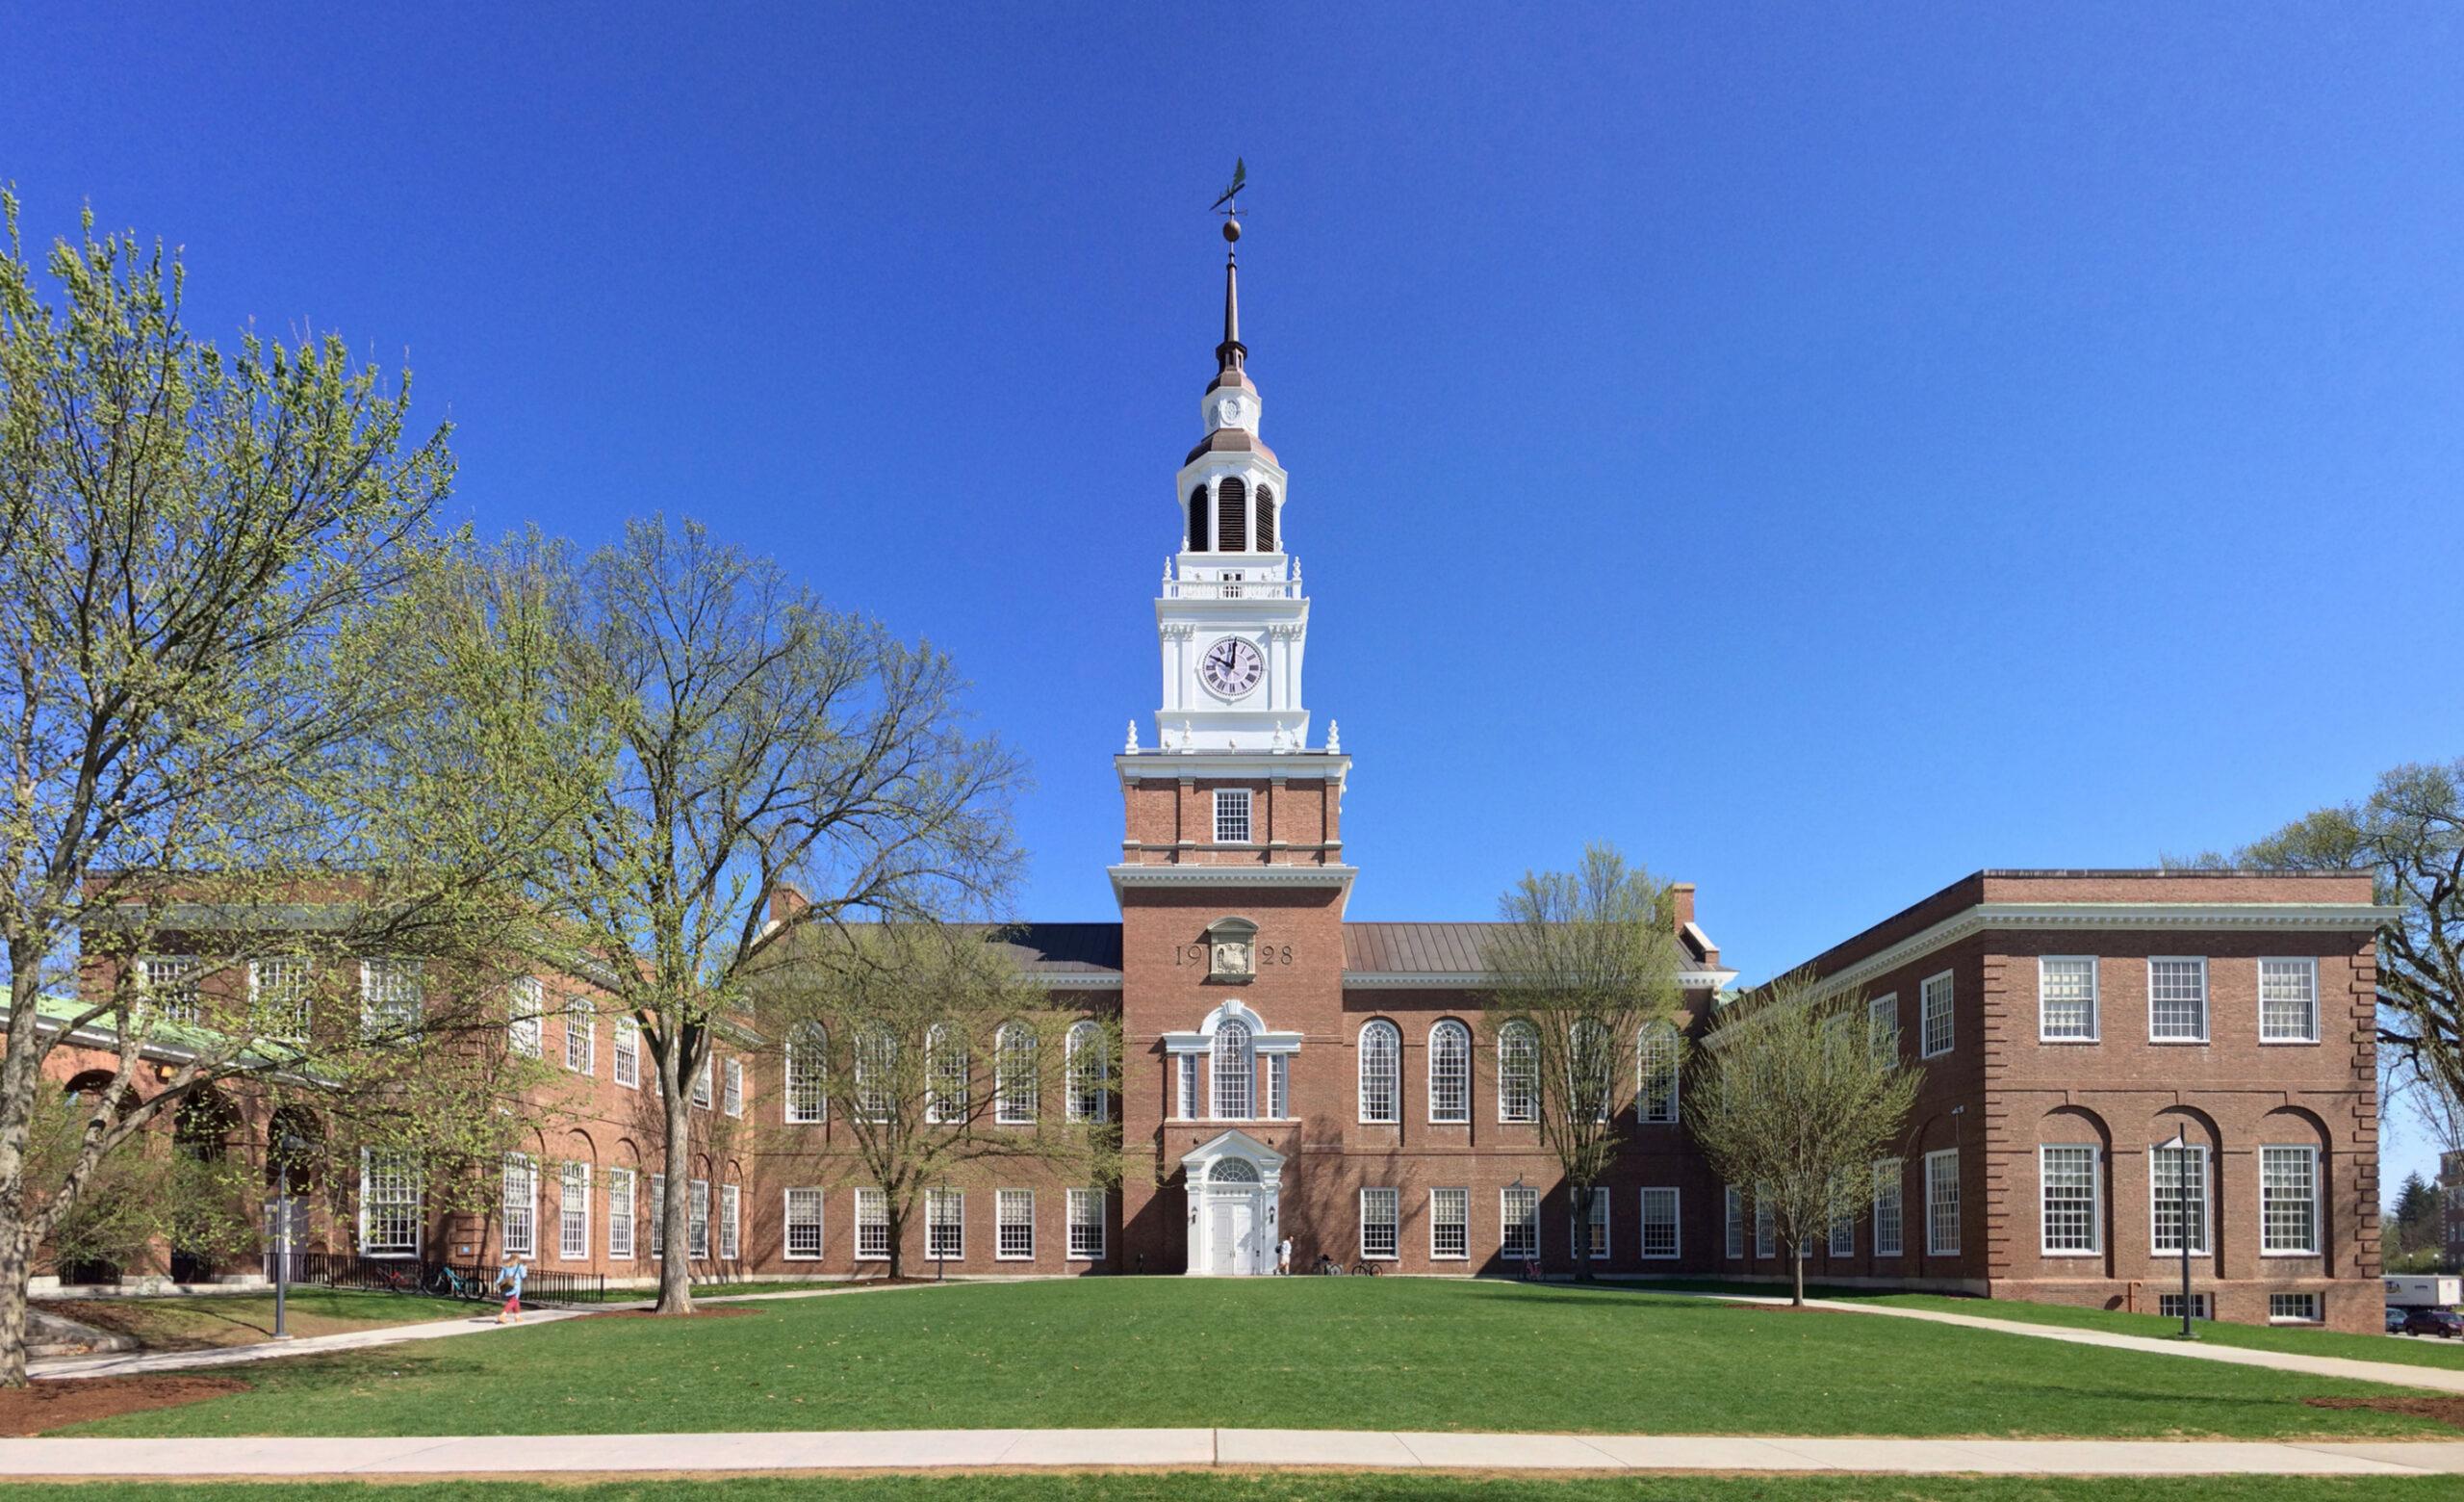 Por dentro do Dartmouth College: a Ivy League menos conhecida